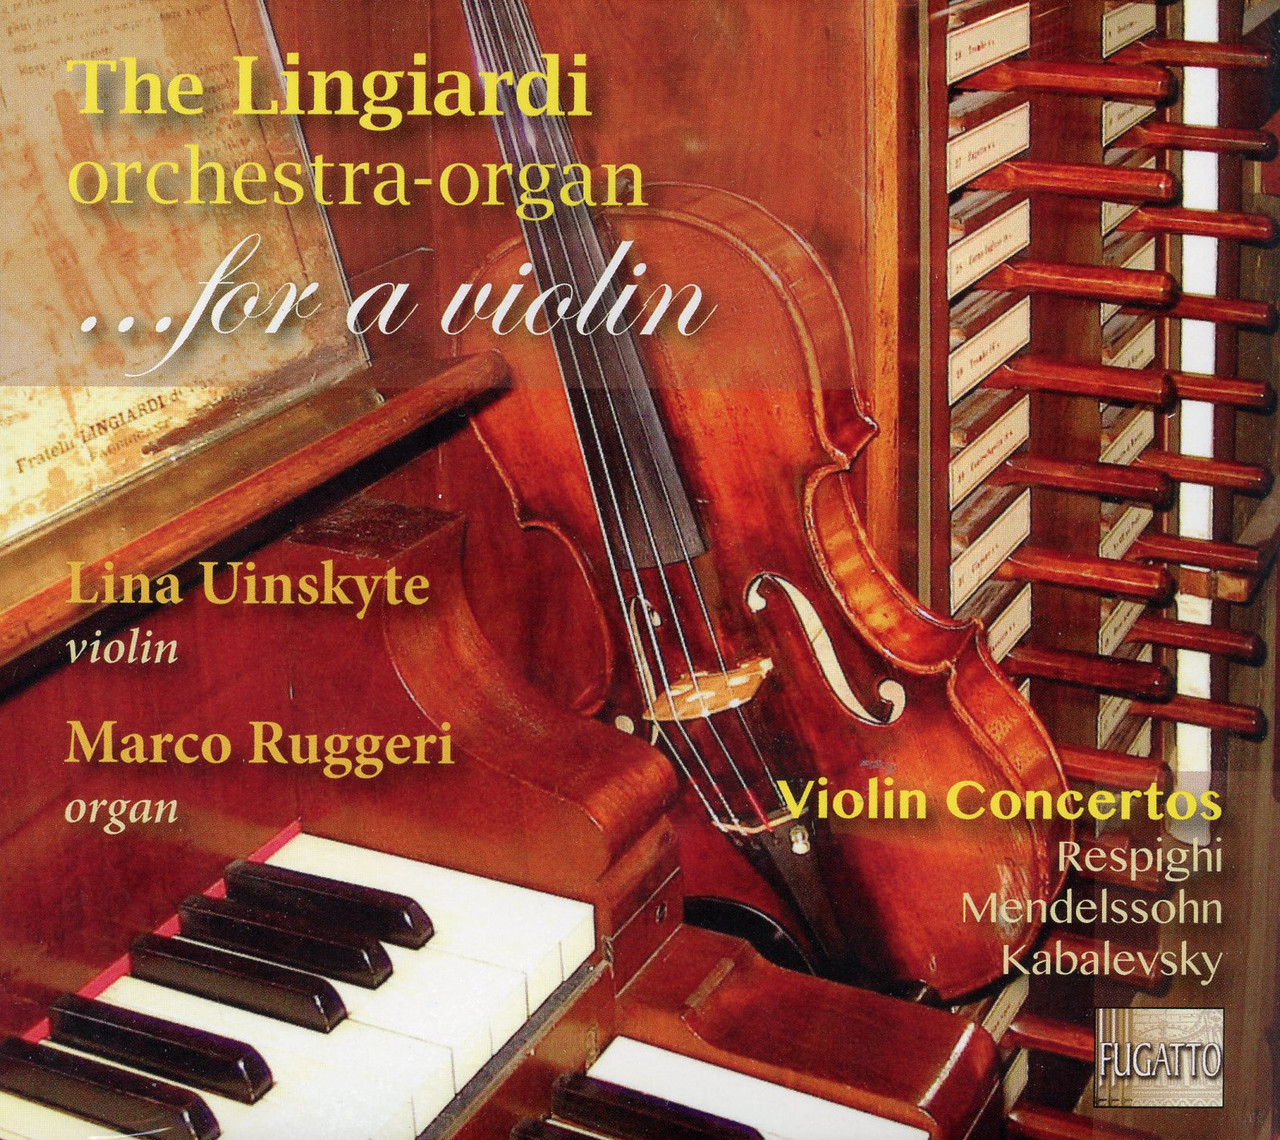 The Lingiardi orchestra-organ... for a violin